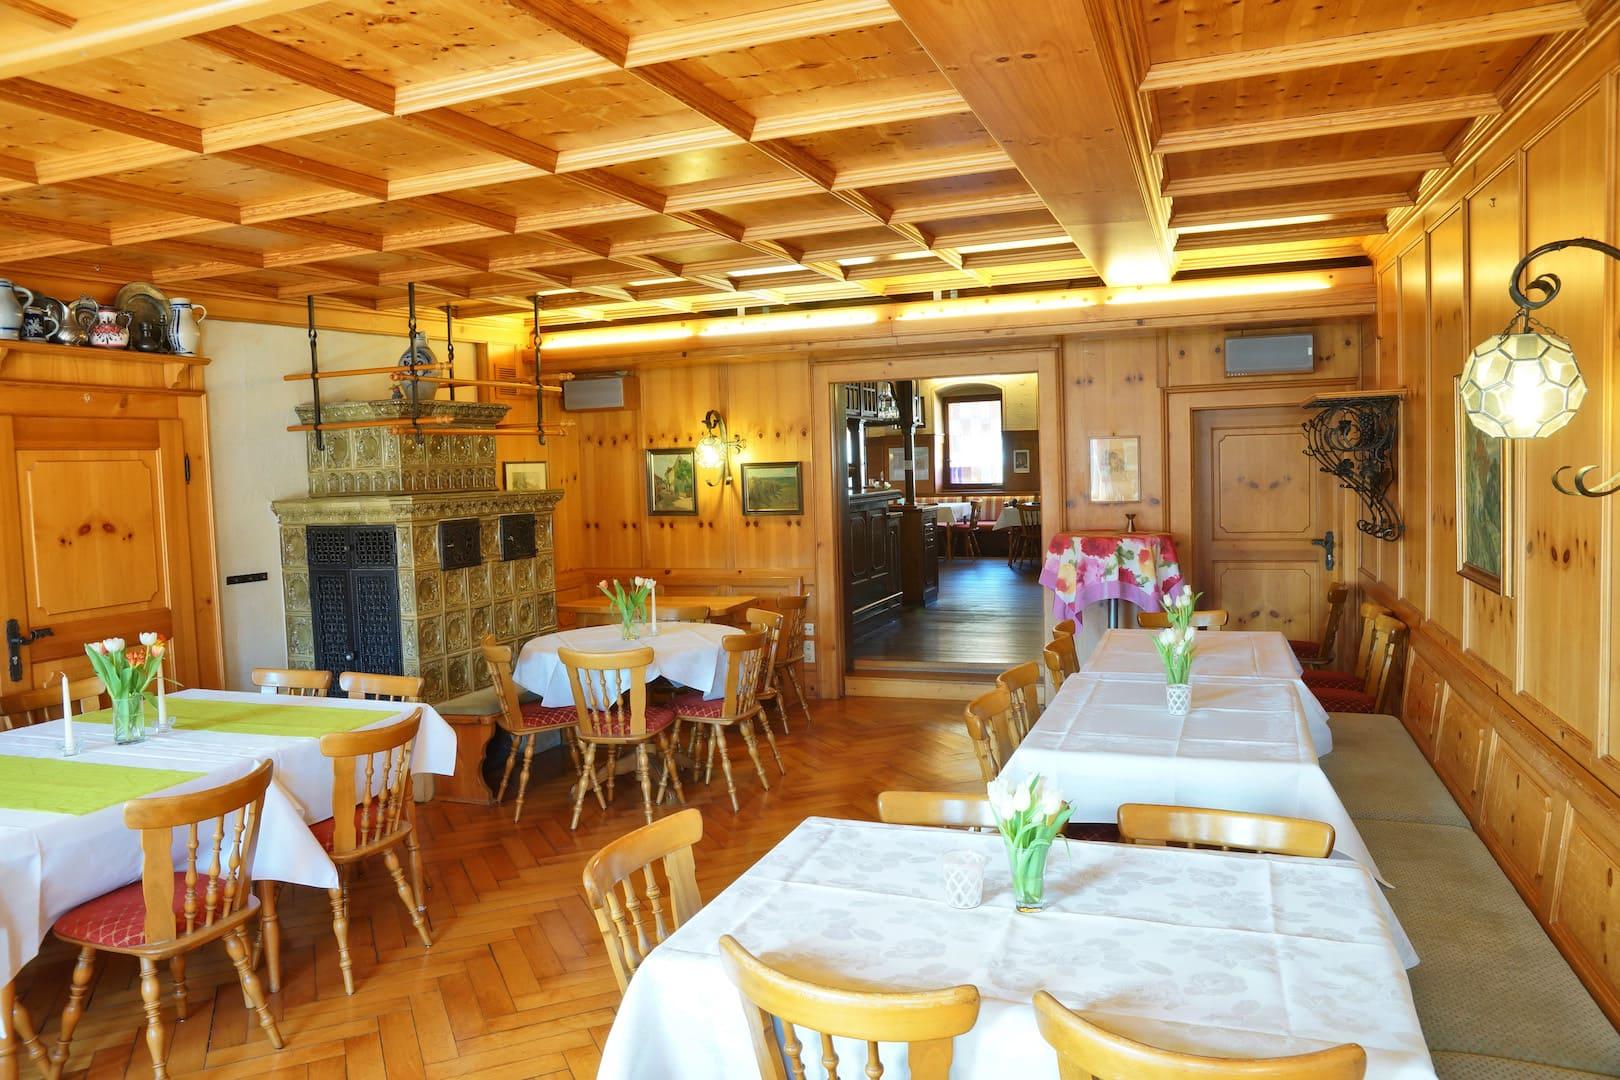 Nebenzimmer des Hotel-Gasthof Schiff in Horb am Neckar